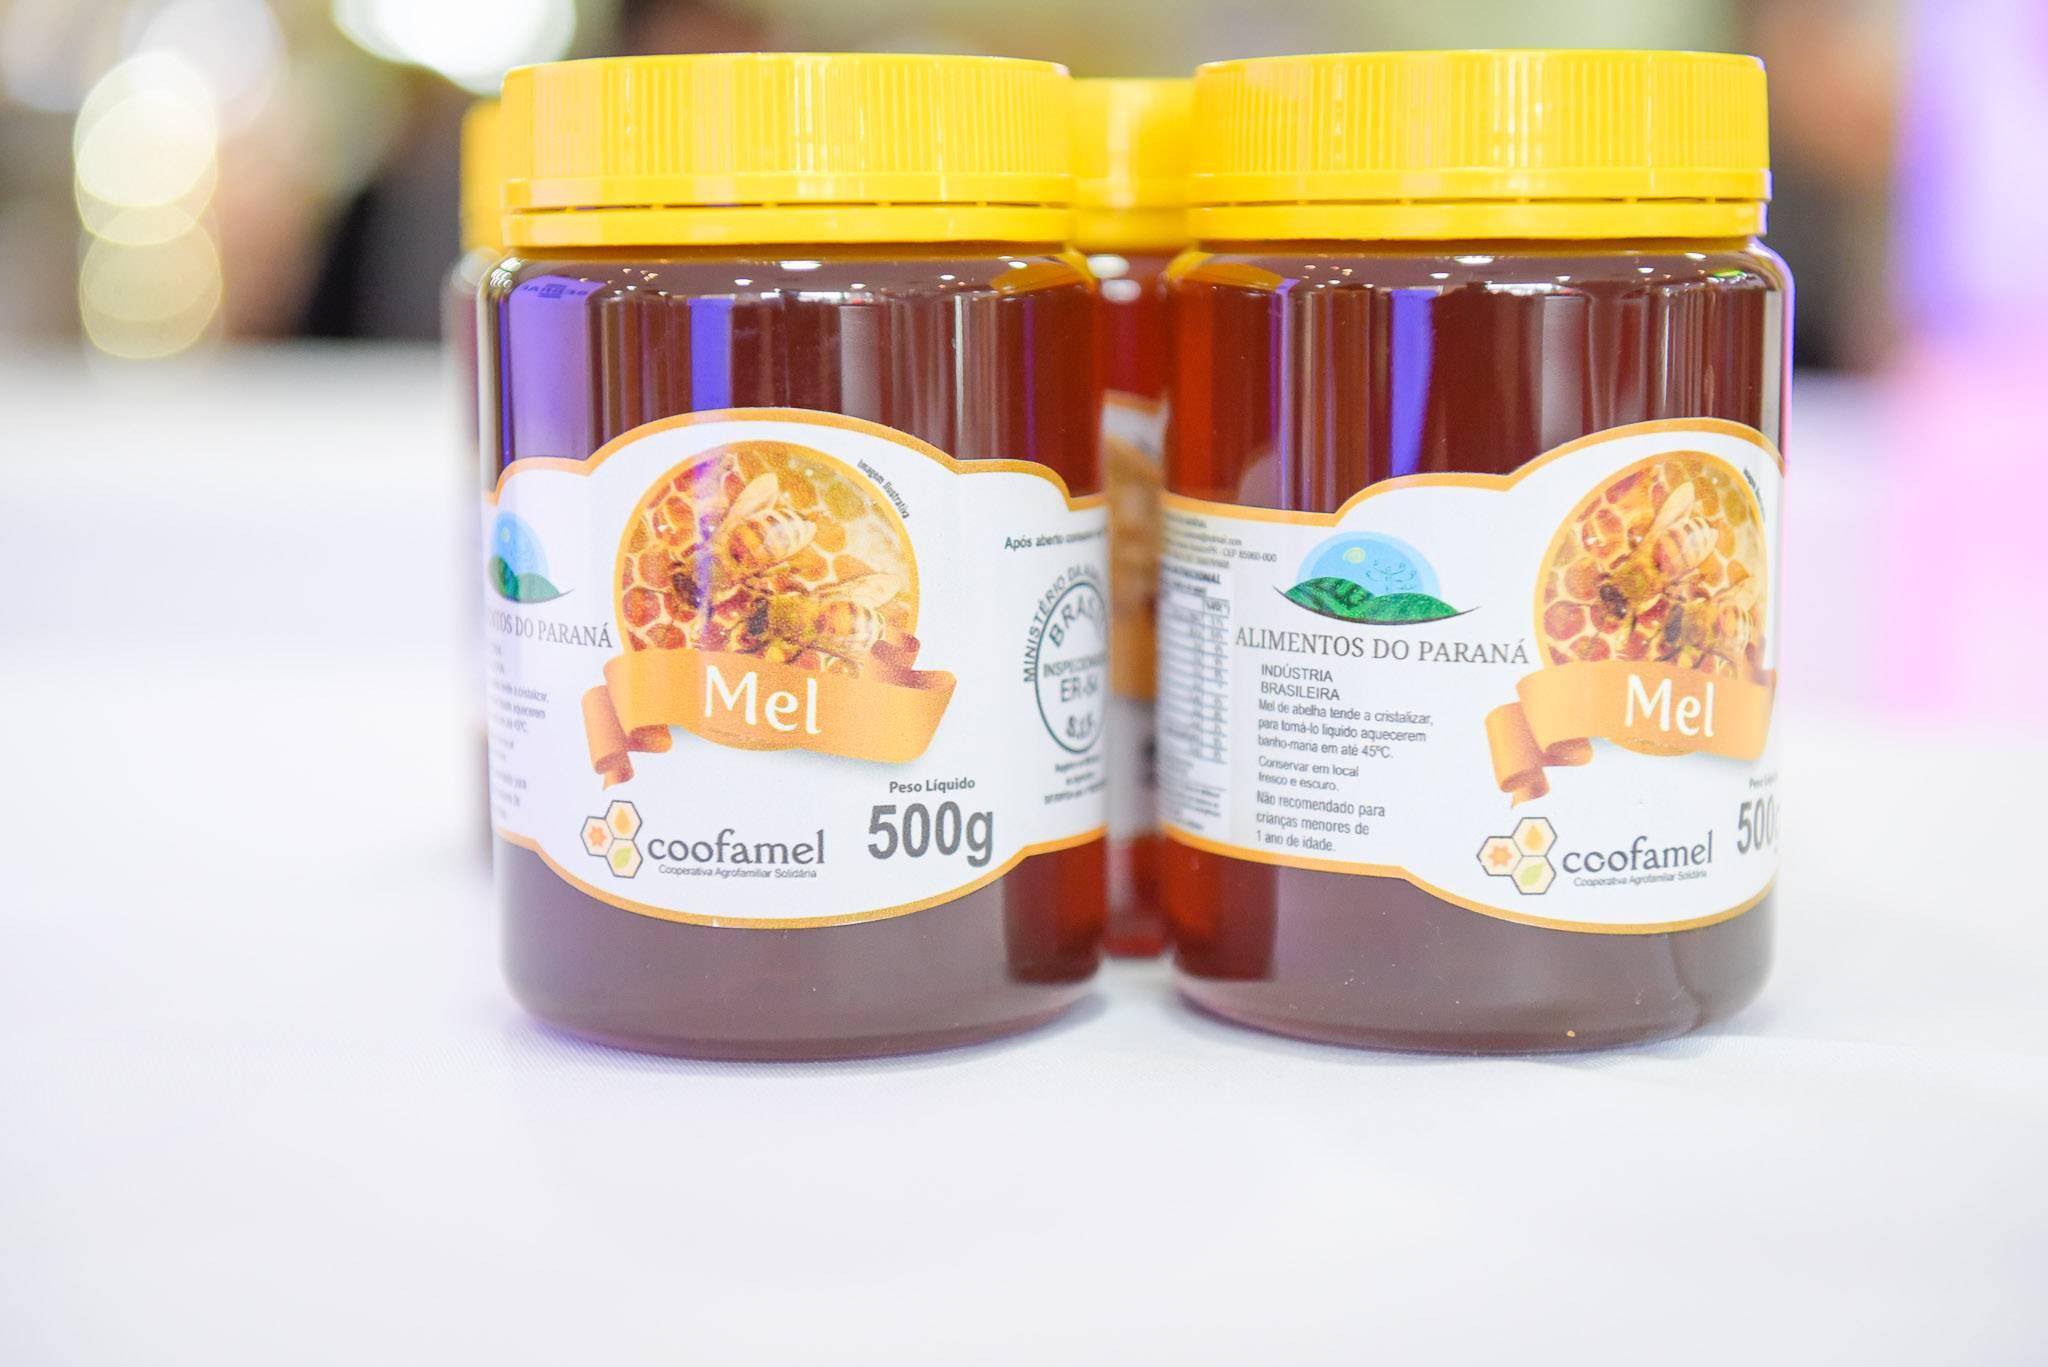 Produtores de mel do Oeste do Paraná estão apostando nas redes sociais em meio à pandemia do coronavírus. <em>Crédito:Luiz Felipe Miretzki / Inove Foto</em>